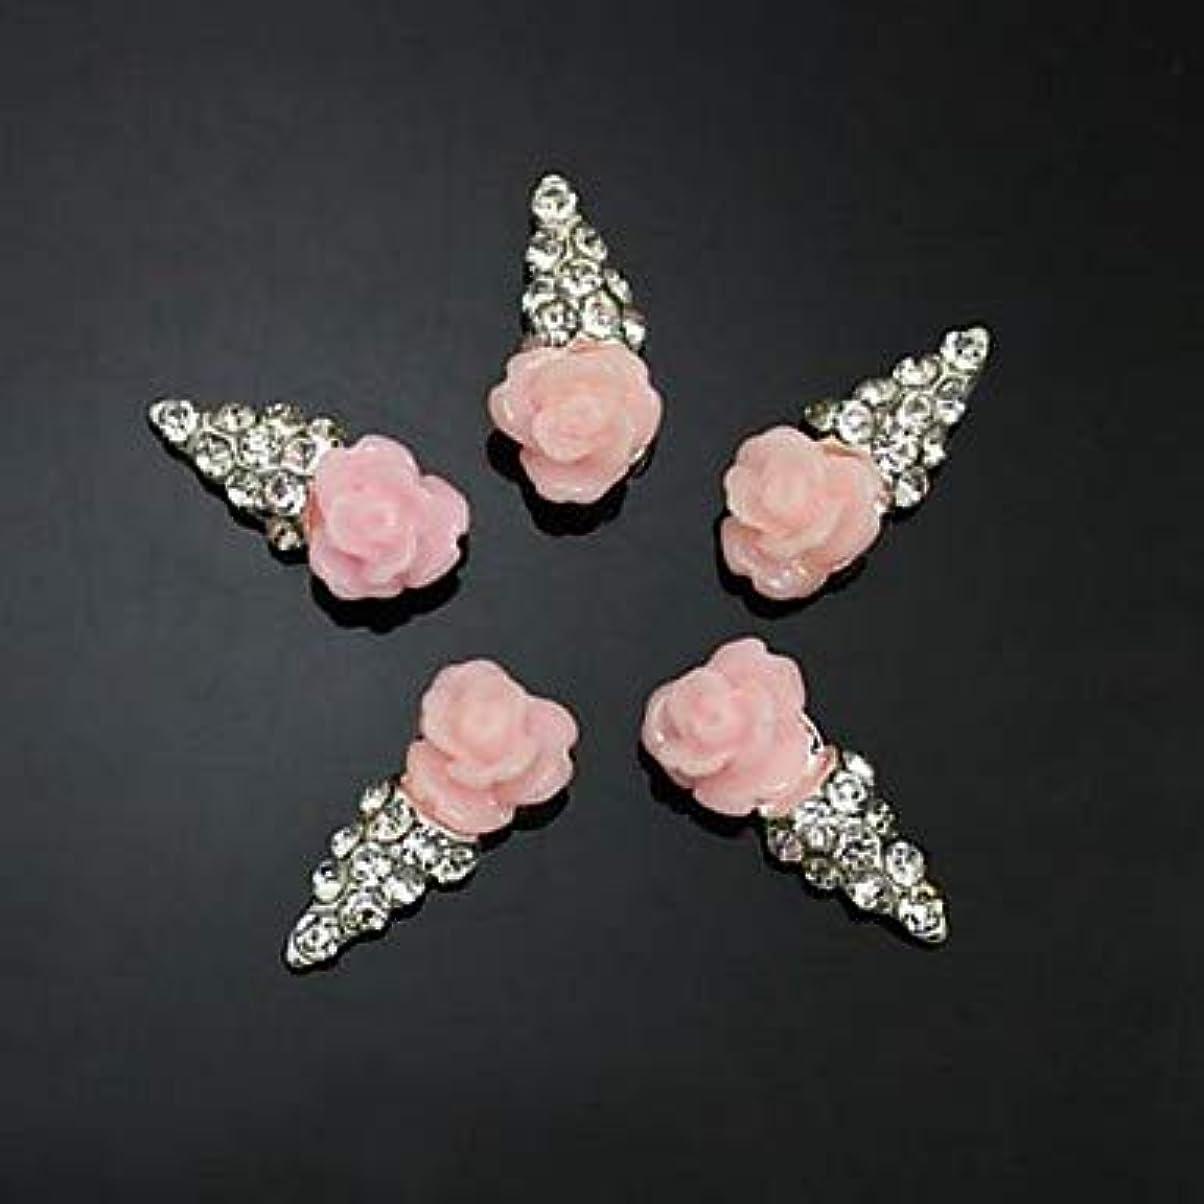 ゴネリル隙間最近10ピースピンクの花の形のアイスクリーム3dラインストーンdiyアクセサリーネイルアートデコレーション